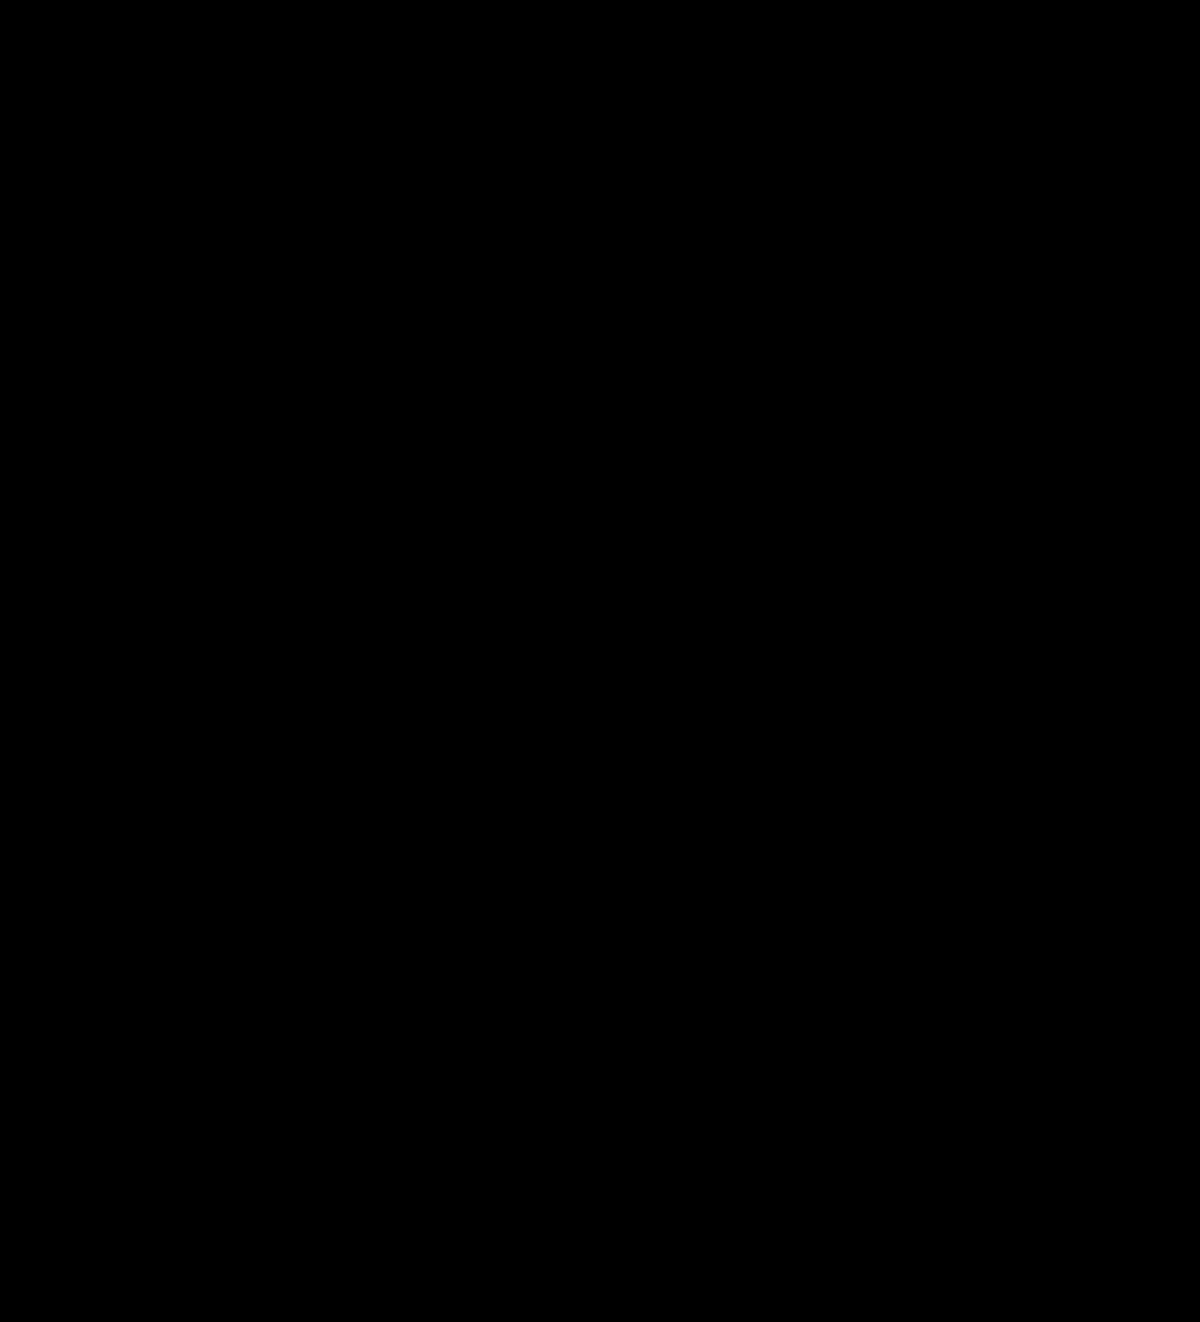 batman symbol - 1965 (1)